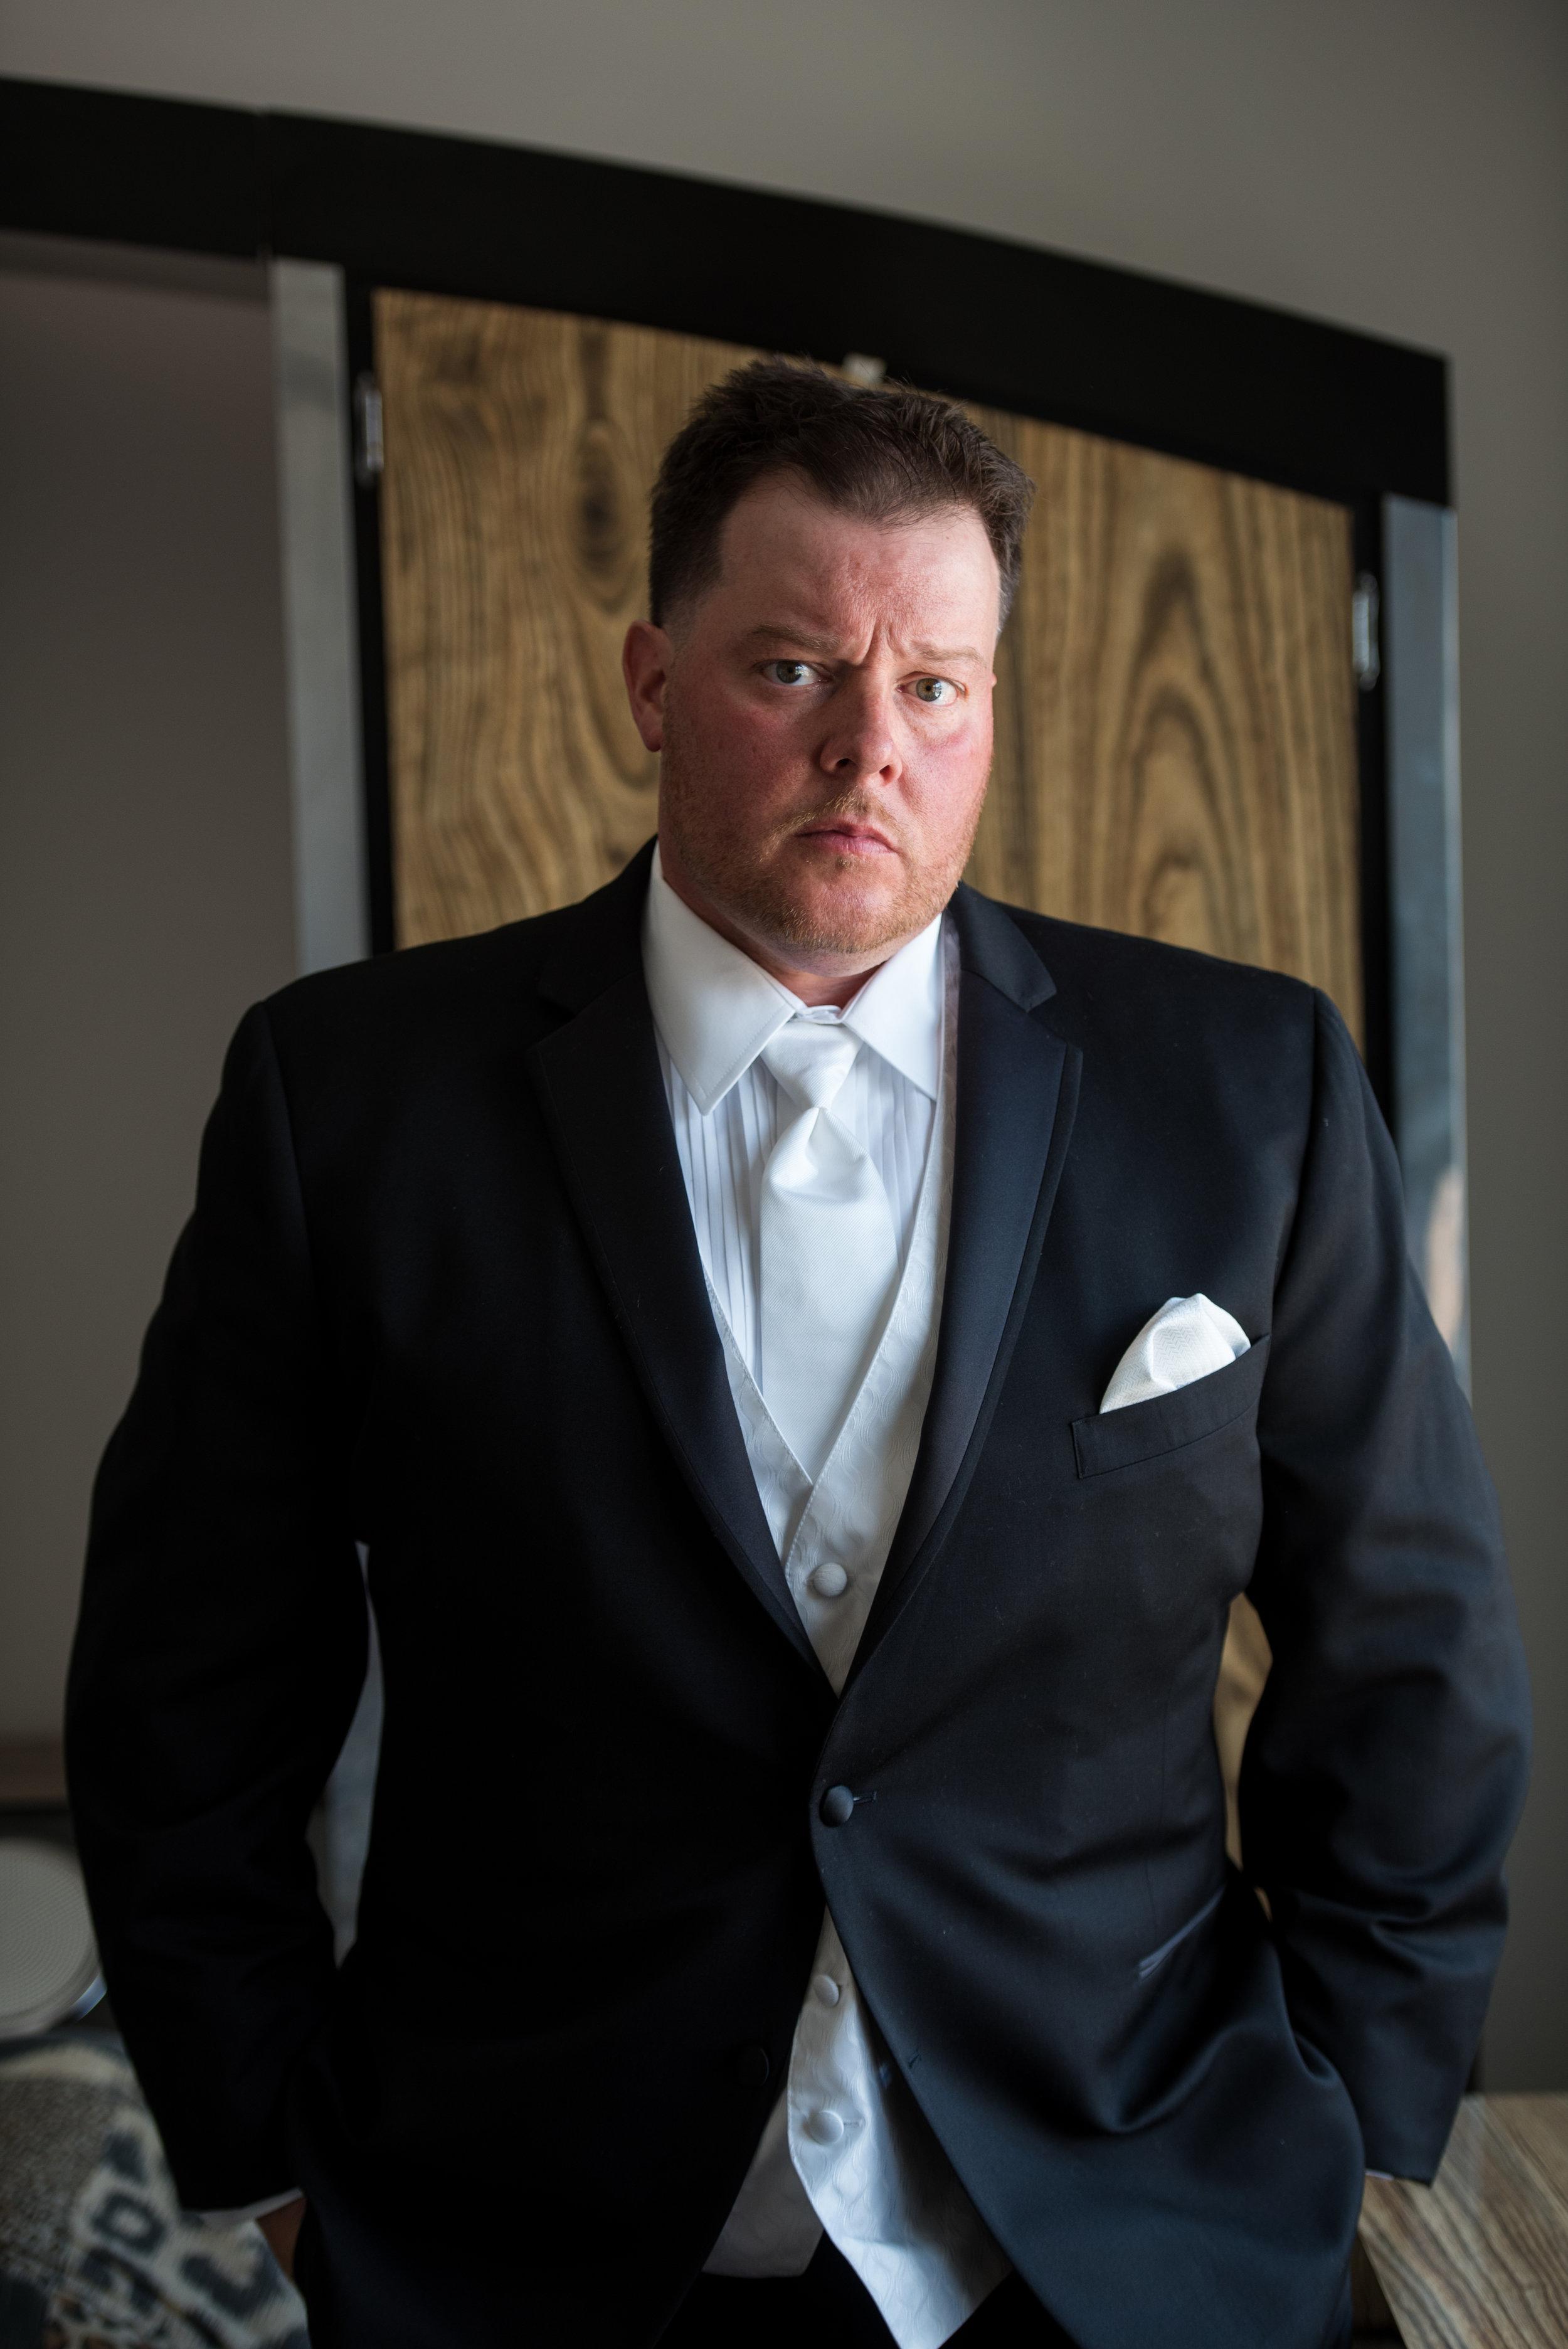 Groom Ike Behar slim fit black tuxedo